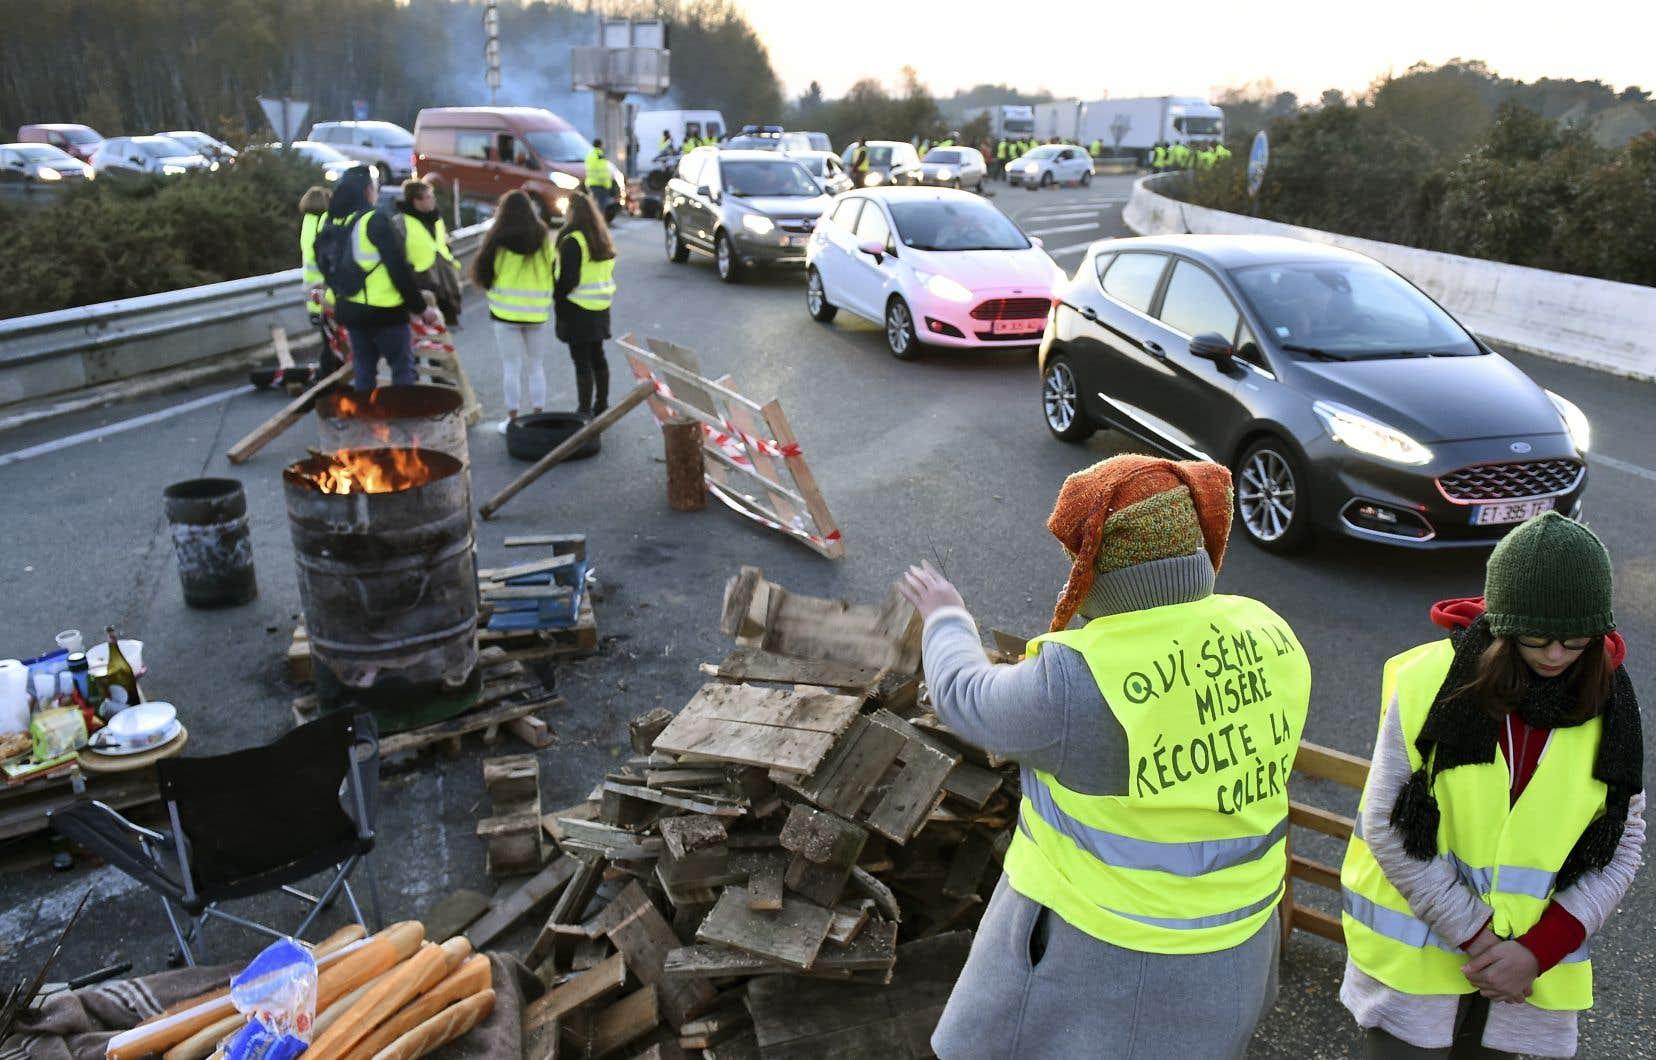 Des manifestants bloquaient dimanche l'accès aux autoroutes A11 et A28 près duMans, dans le nord-ouest de la France.